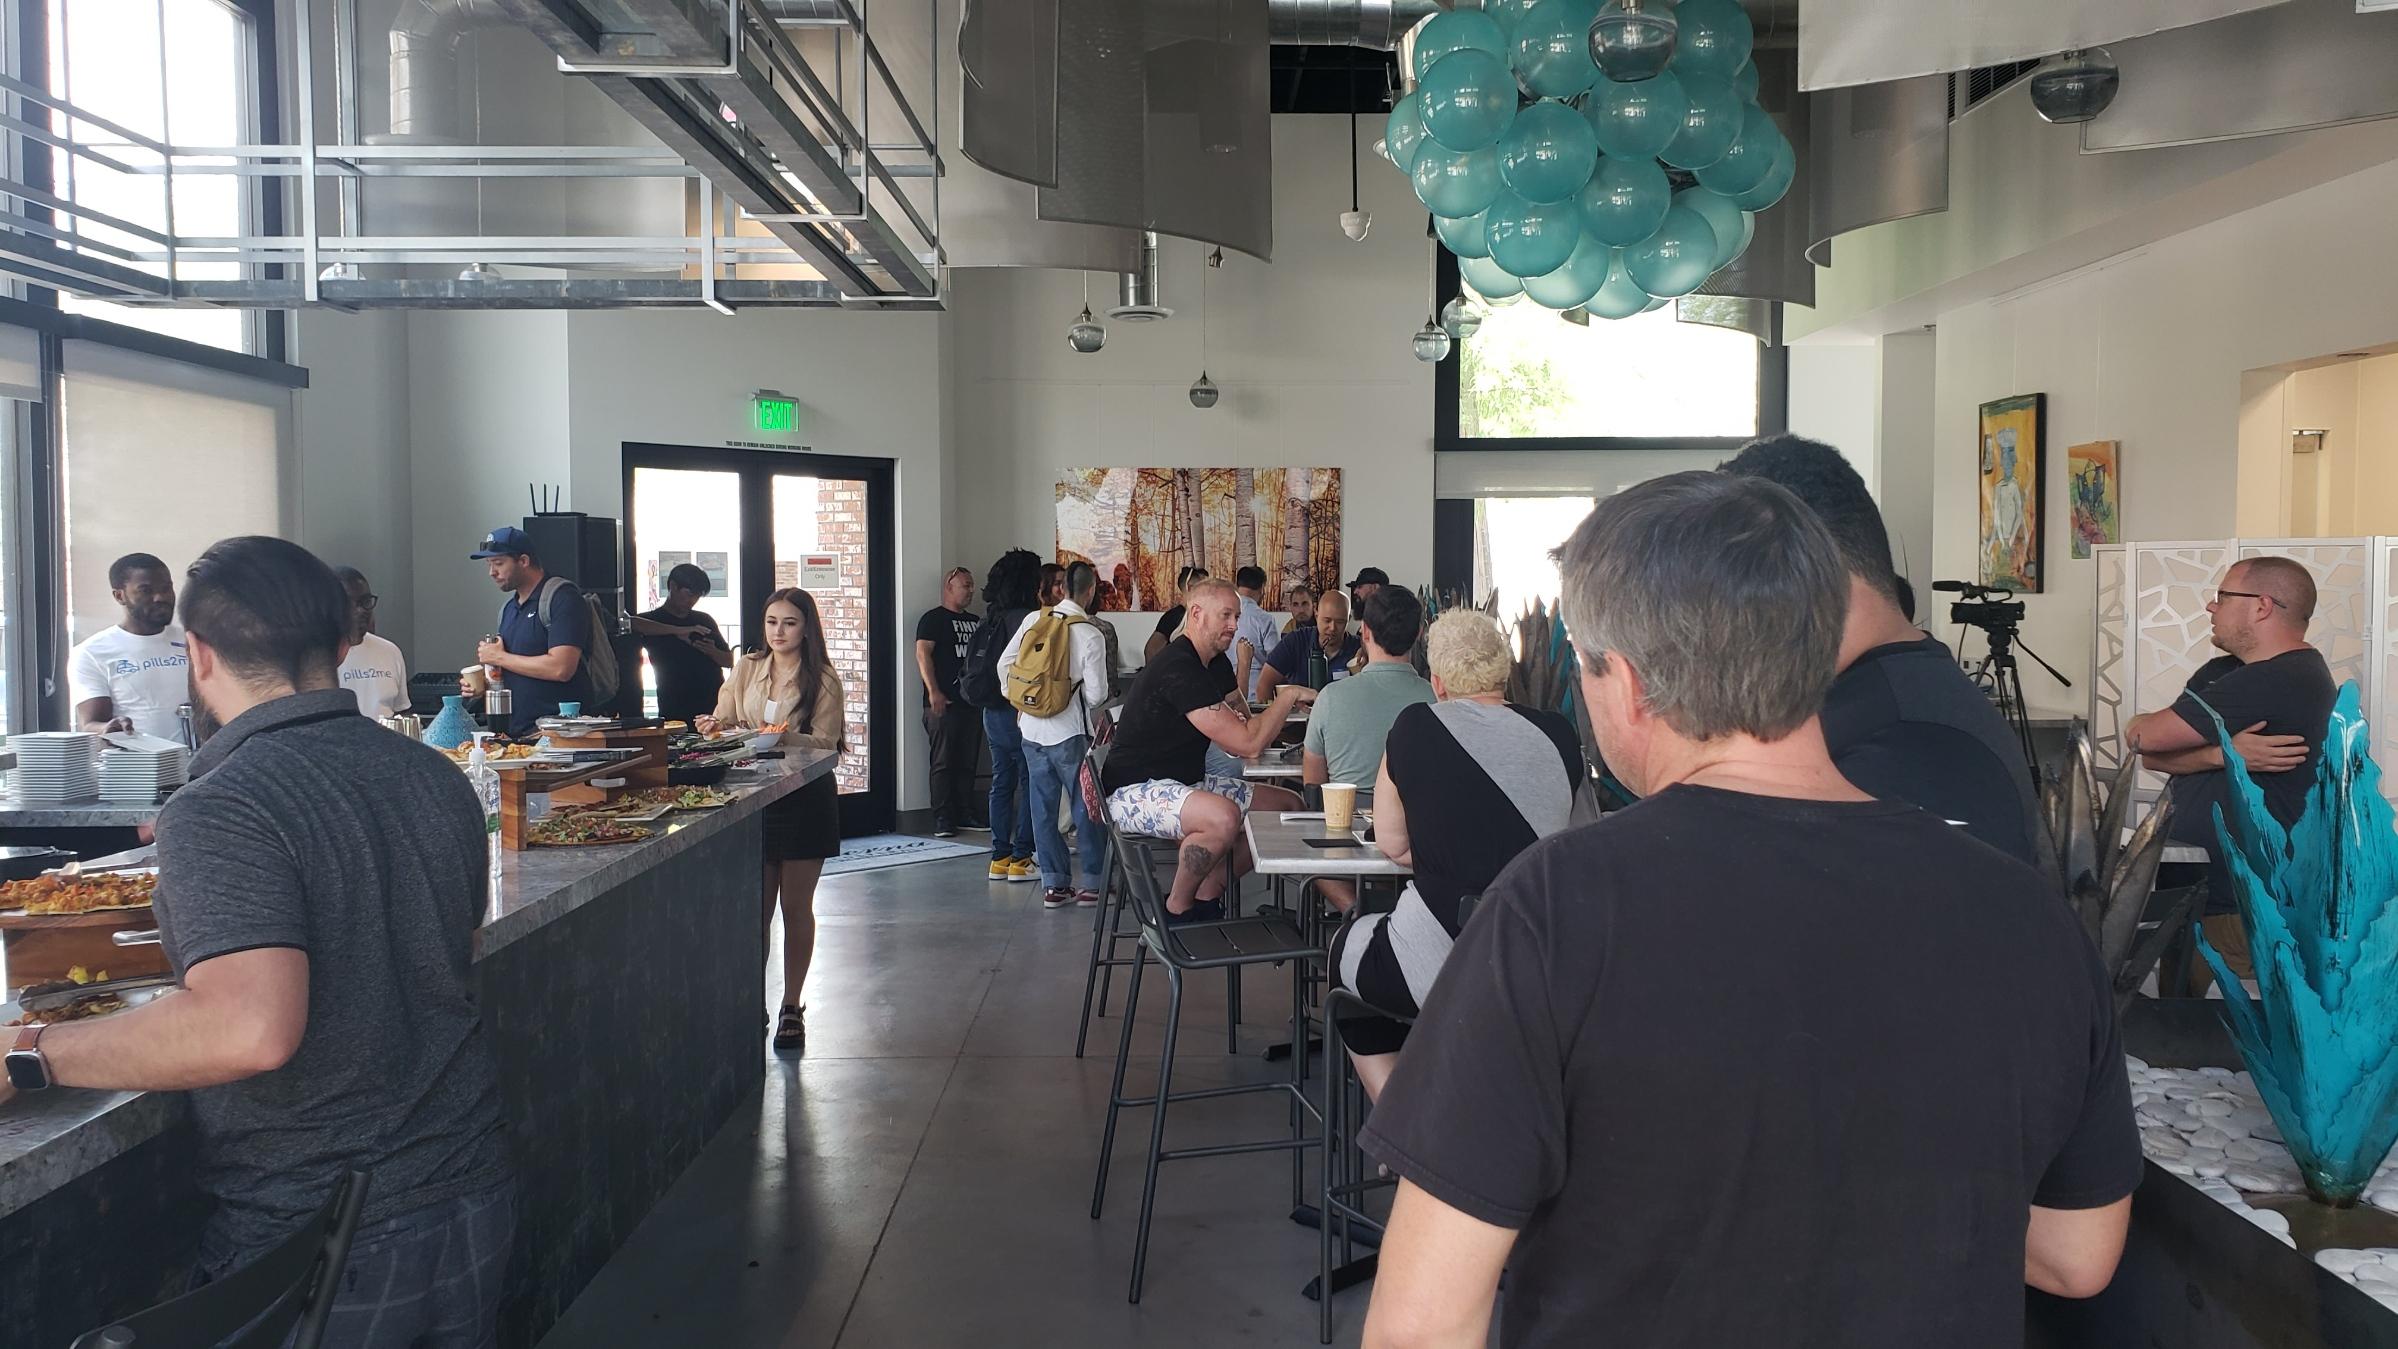 People eating at Taverna Costera